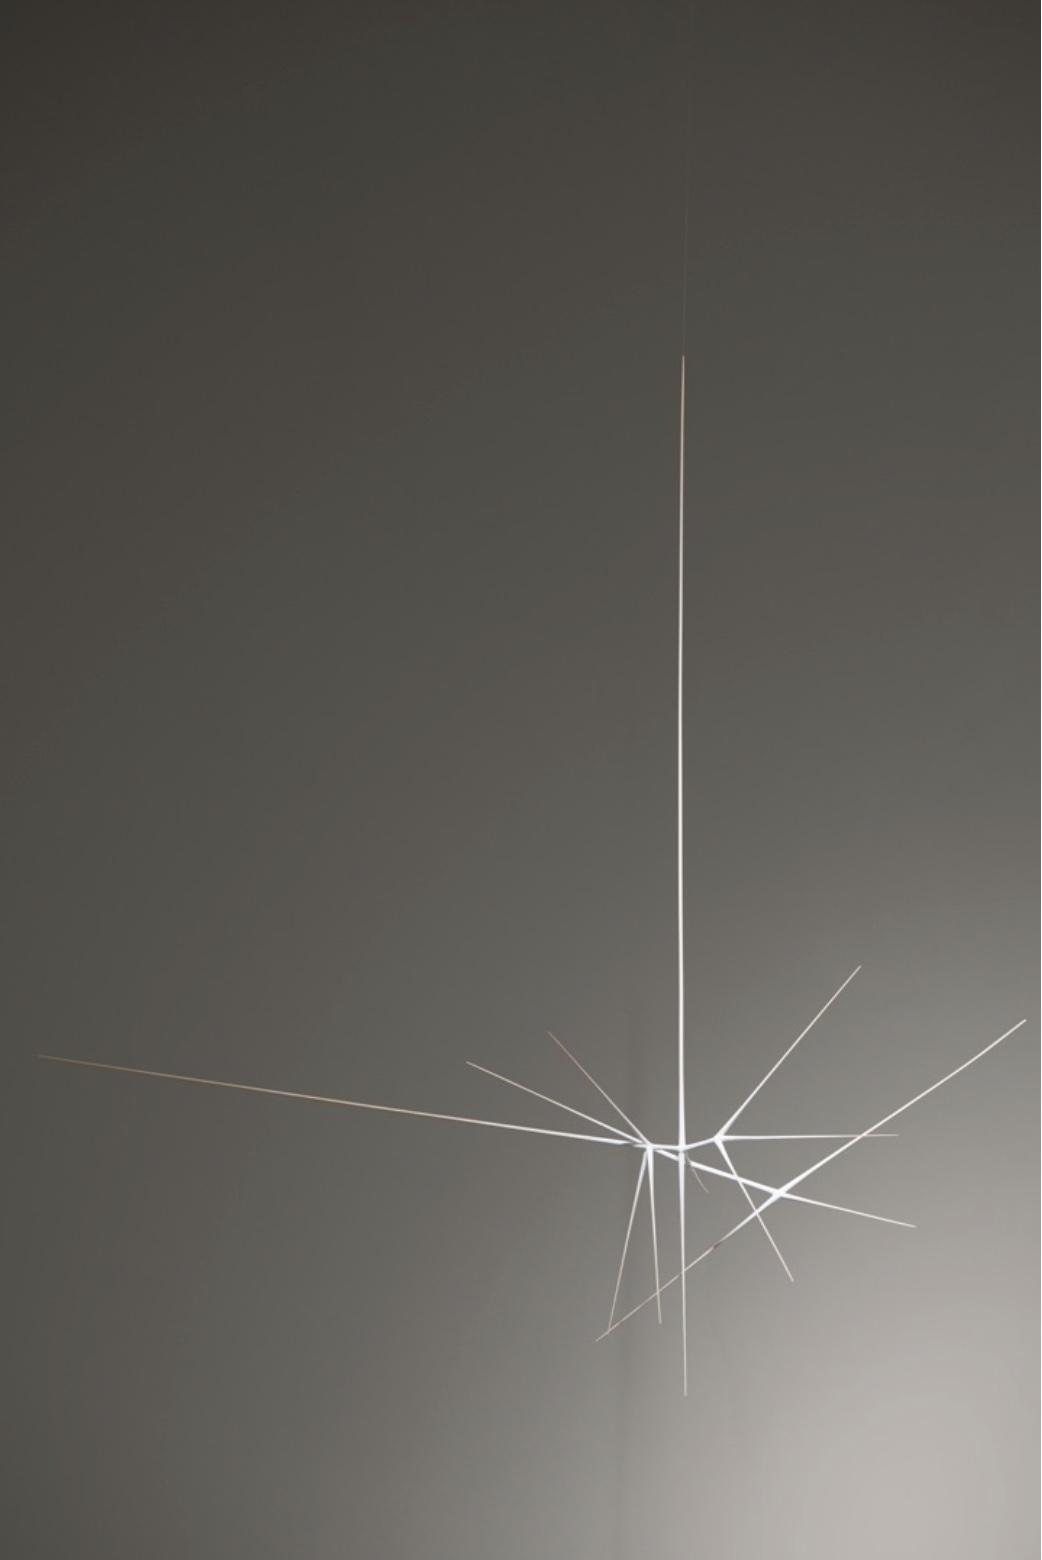 Meridian sculpture by artist Christopher Kurtz